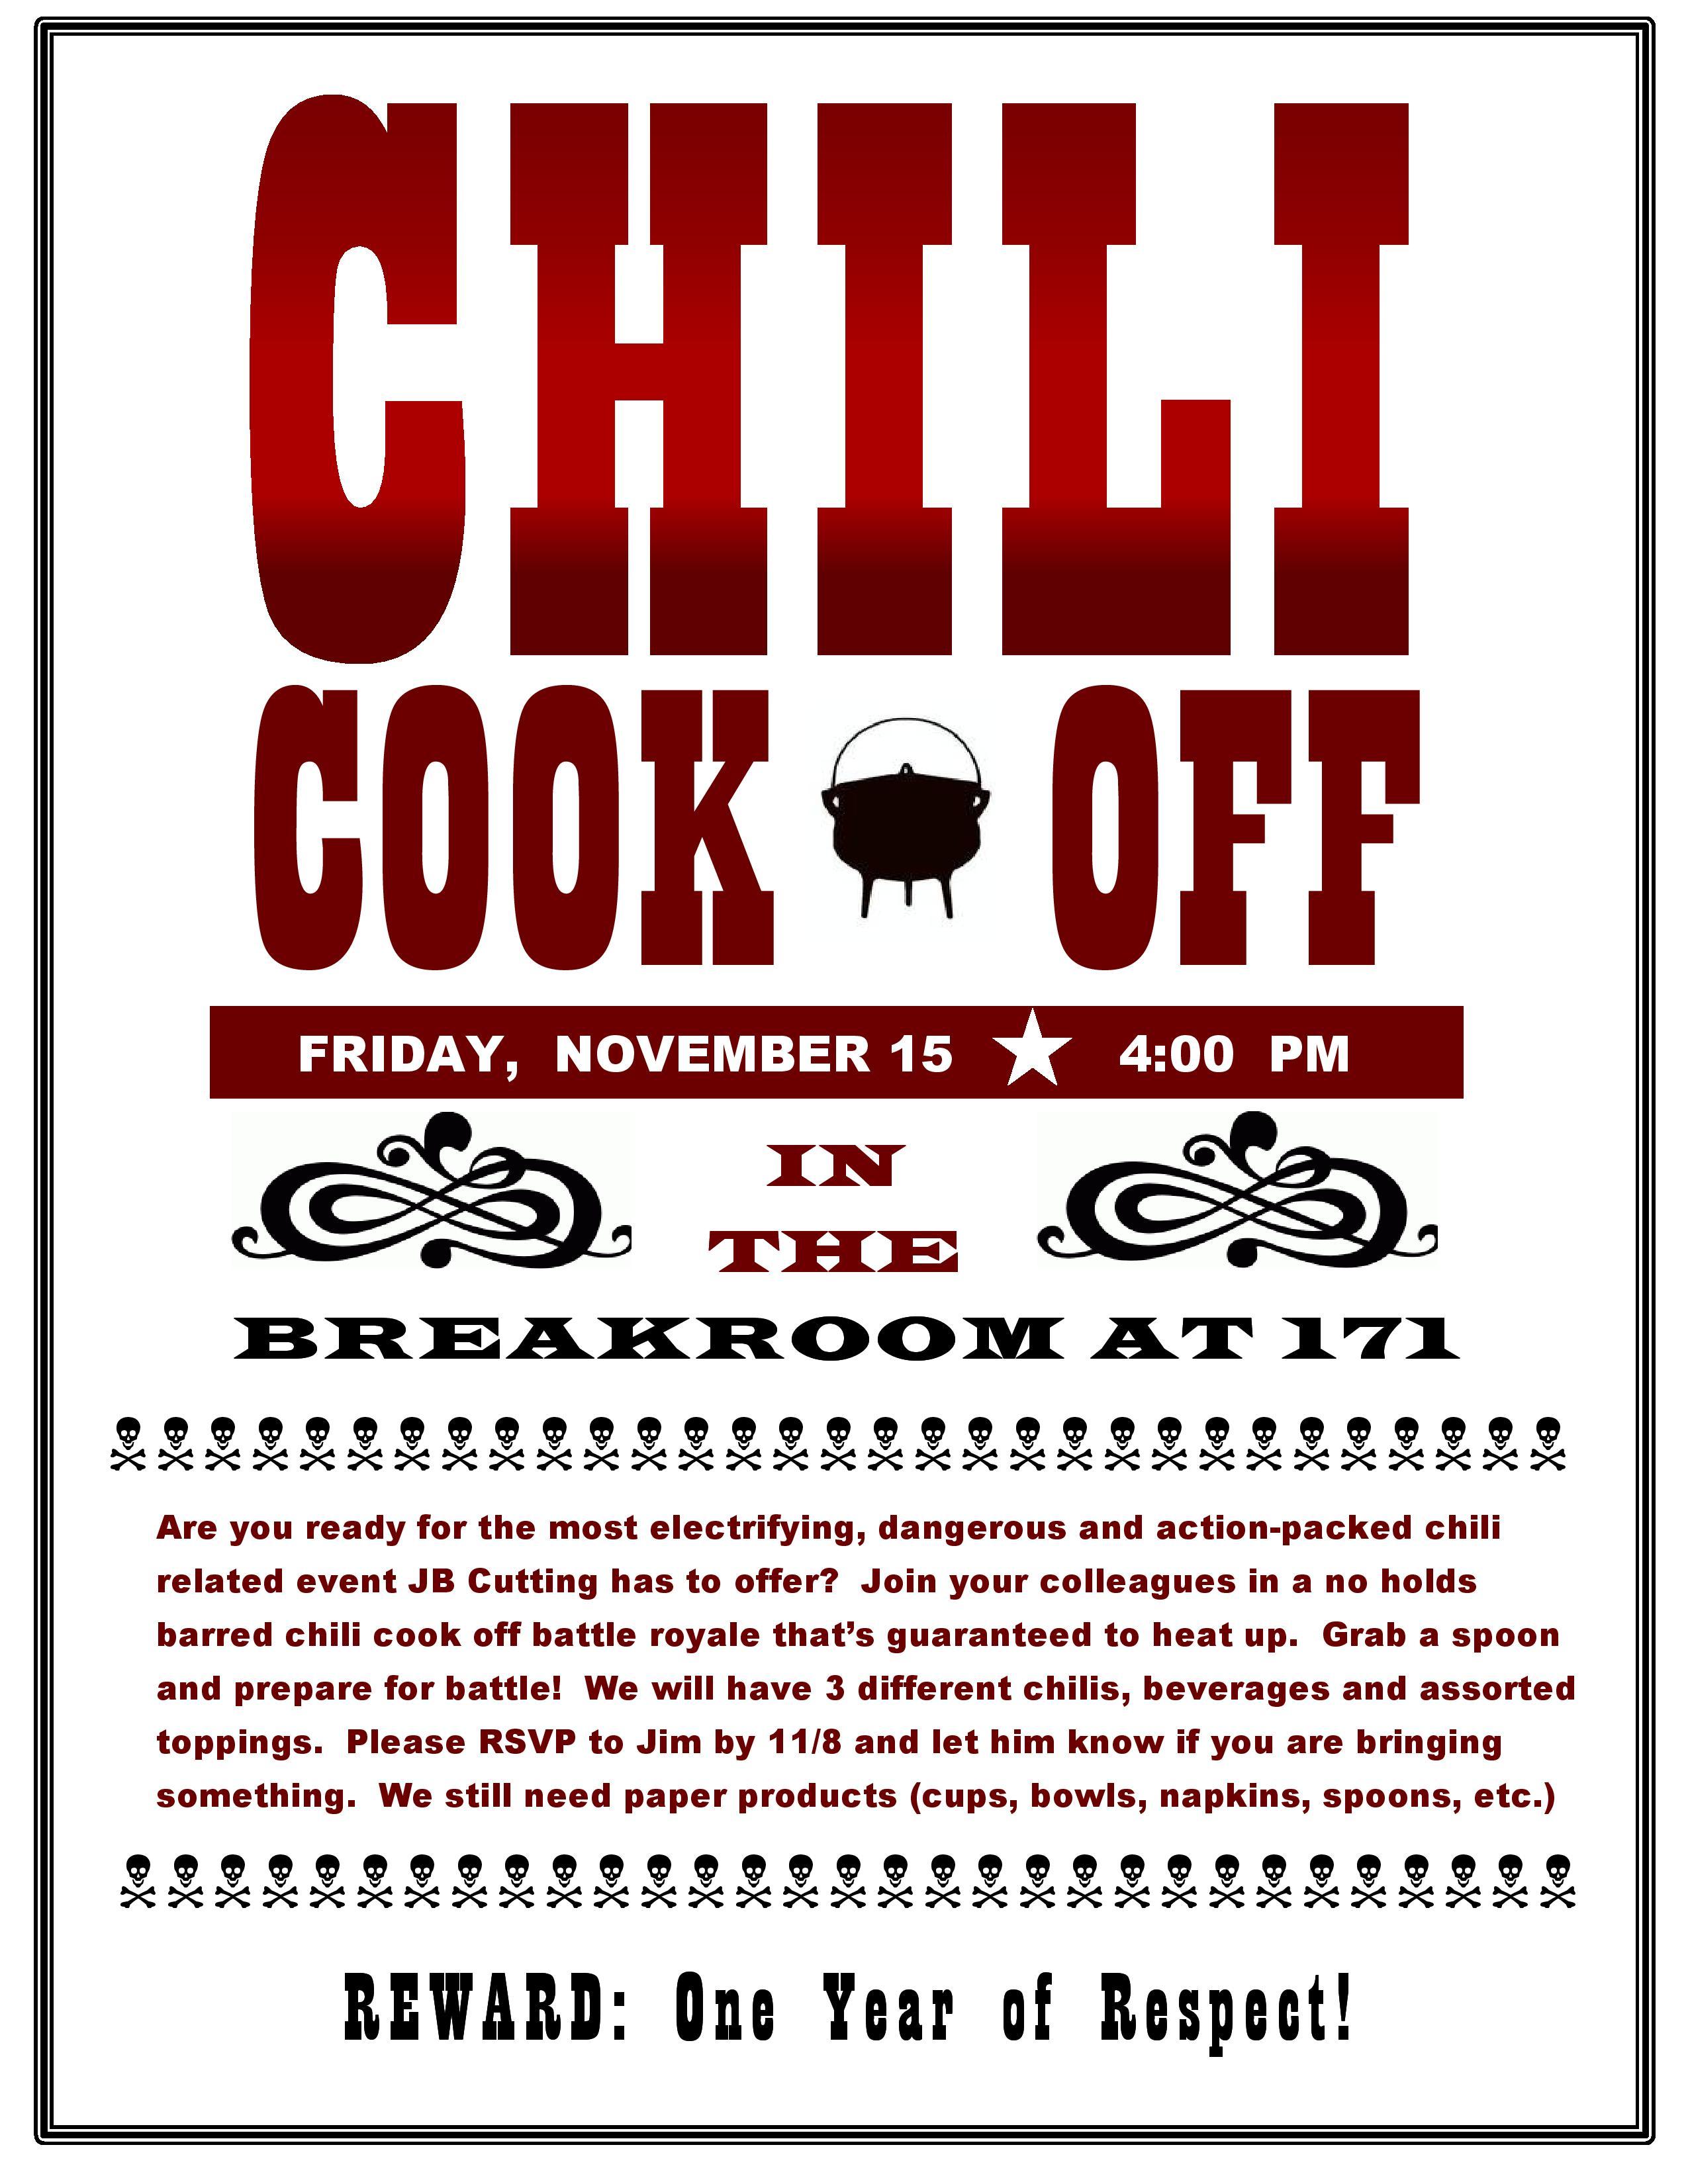 Cutting chili cook off 2013 jb cutting chili cook off page 001 dscn1491 saigontimesfo